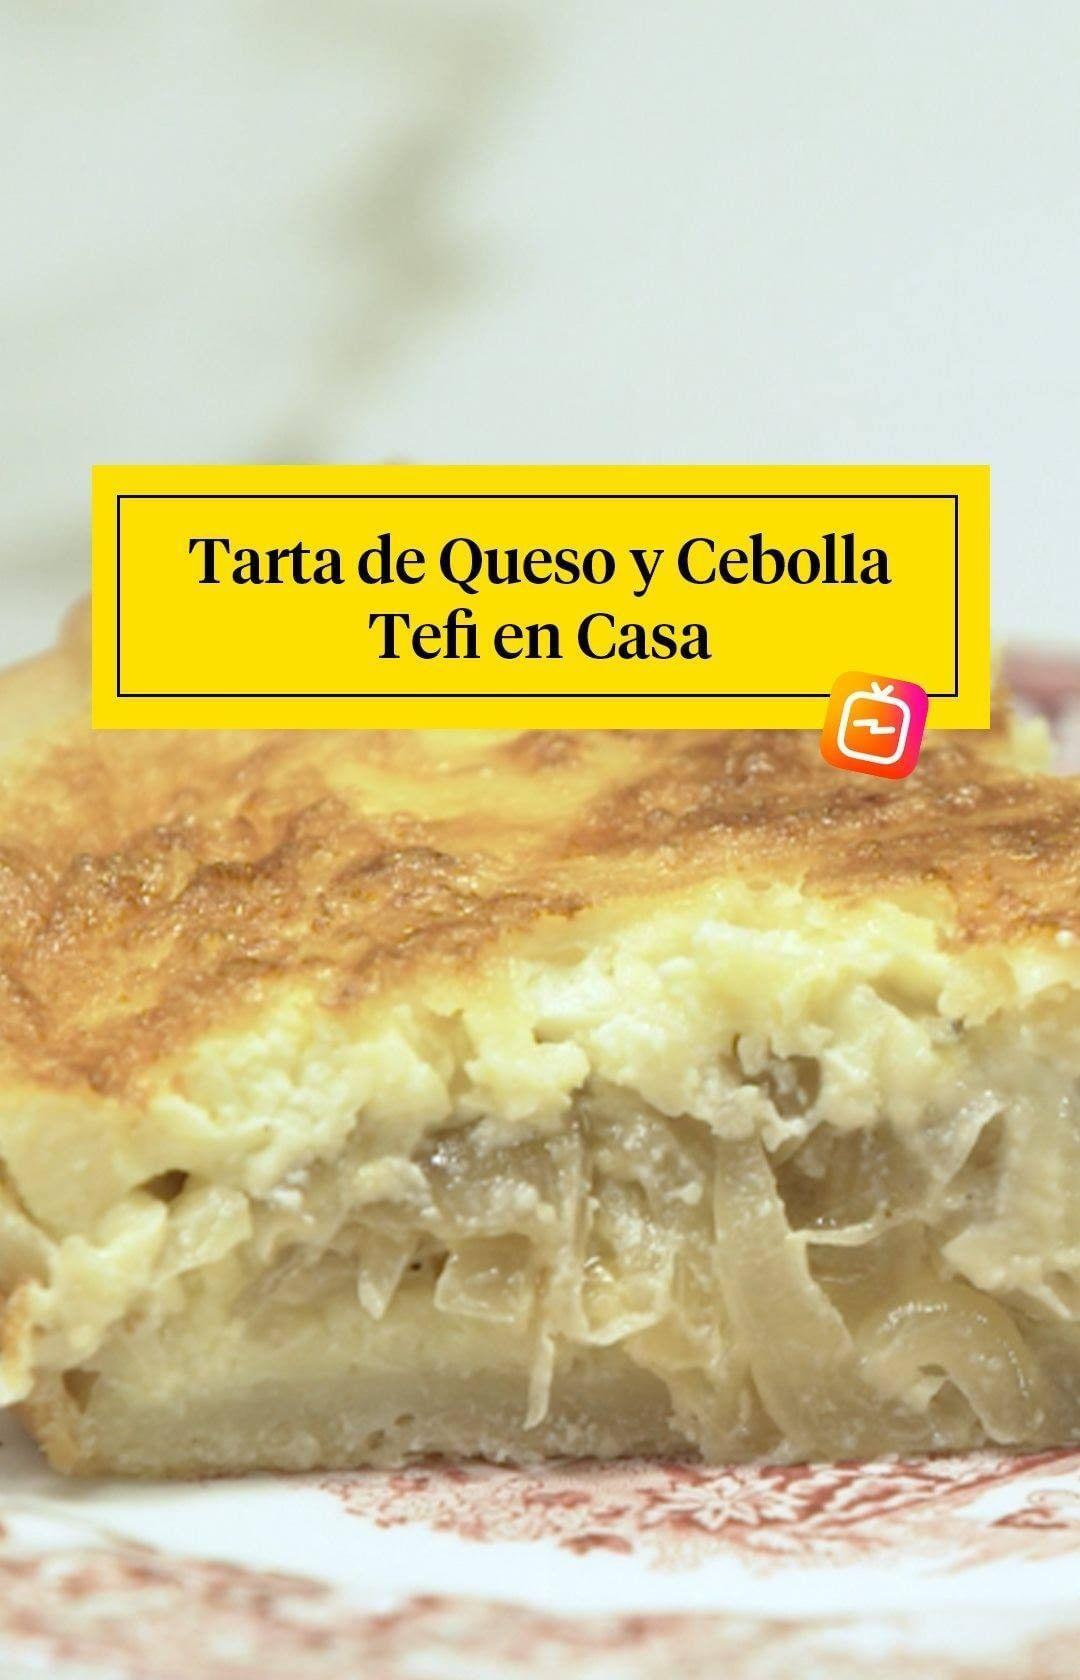 Tastemade Español On Instagram Inutilisimas Nos Trae Un Clásico De La Cocina De Todos Los Días Recetas Fáciles De Comida Recetas De Cocina Recetas Fáciles